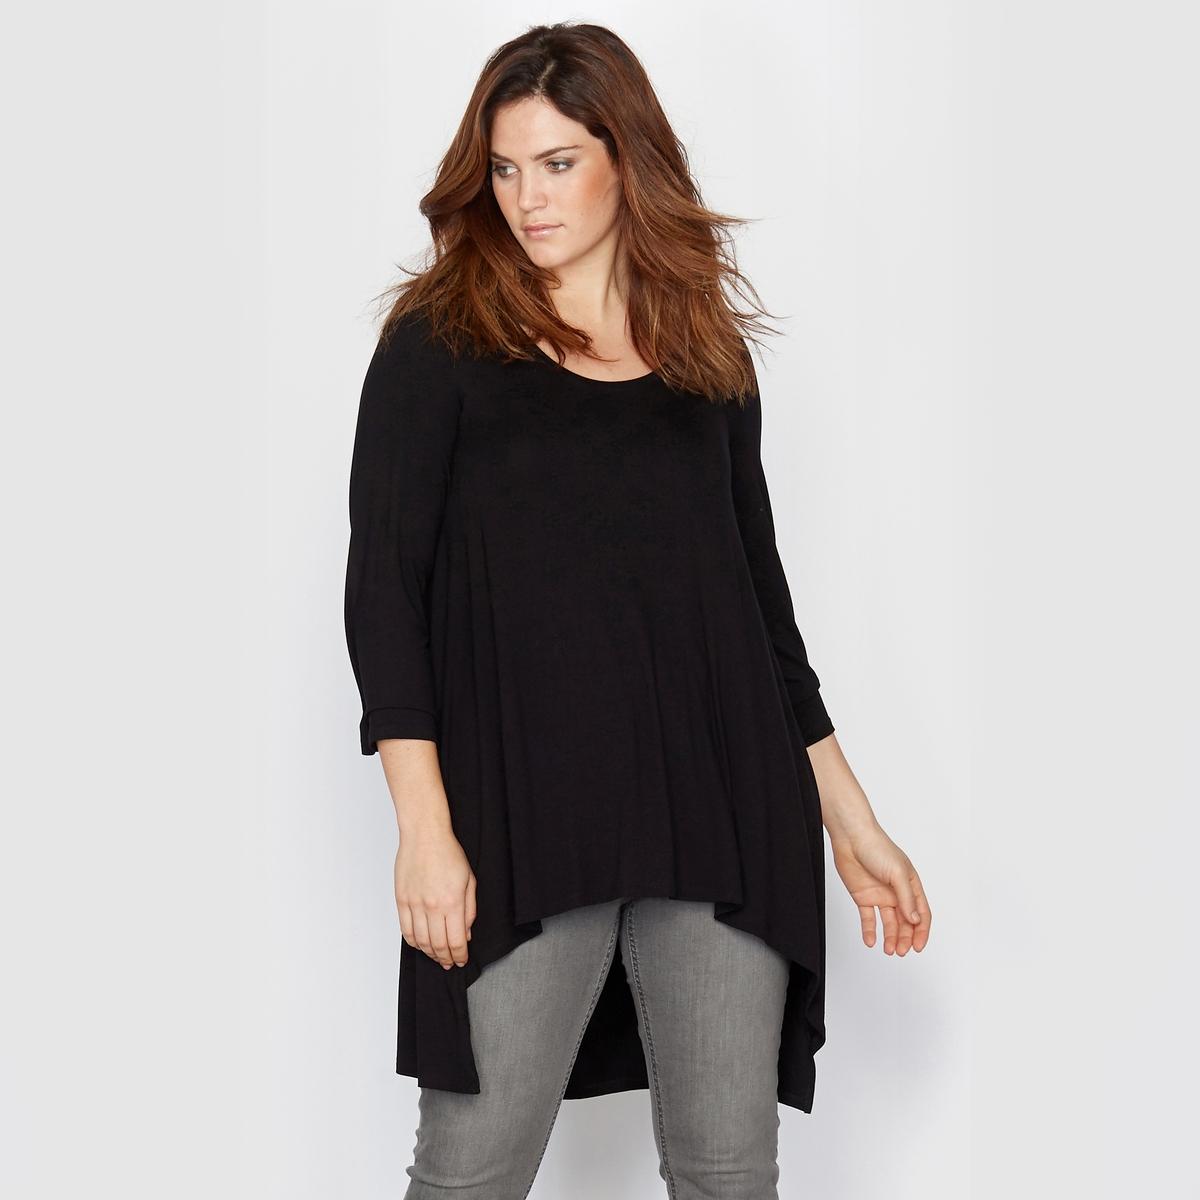 Футболка свободного покрояФутболка. Вам будет удобно в этой футболке широкого покроя с удлиненной спинкой и свободным круглым вырезом. Рукава 3/4. Футболка из мягкого эластичного трикотажа: 95% вискозы, 5% эластана. Длина : 75 см.<br><br>Цвет: розовый пурпурный,темно-серый меланж,черный<br>Размер: 46/48 (FR) - 52/54 (RUS).50/52 (FR) - 56/58 (RUS).54/56 (FR) - 60/62 (RUS).62/64 (FR) - 68/70 (RUS).42/44 (FR) - 48/50 (RUS).46/48 (FR) - 52/54 (RUS).54/56 (FR) - 60/62 (RUS).58/60 (FR) - 64/66 (RUS).46/48 (FR) - 52/54 (RUS).54/56 (FR) - 60/62 (RUS)